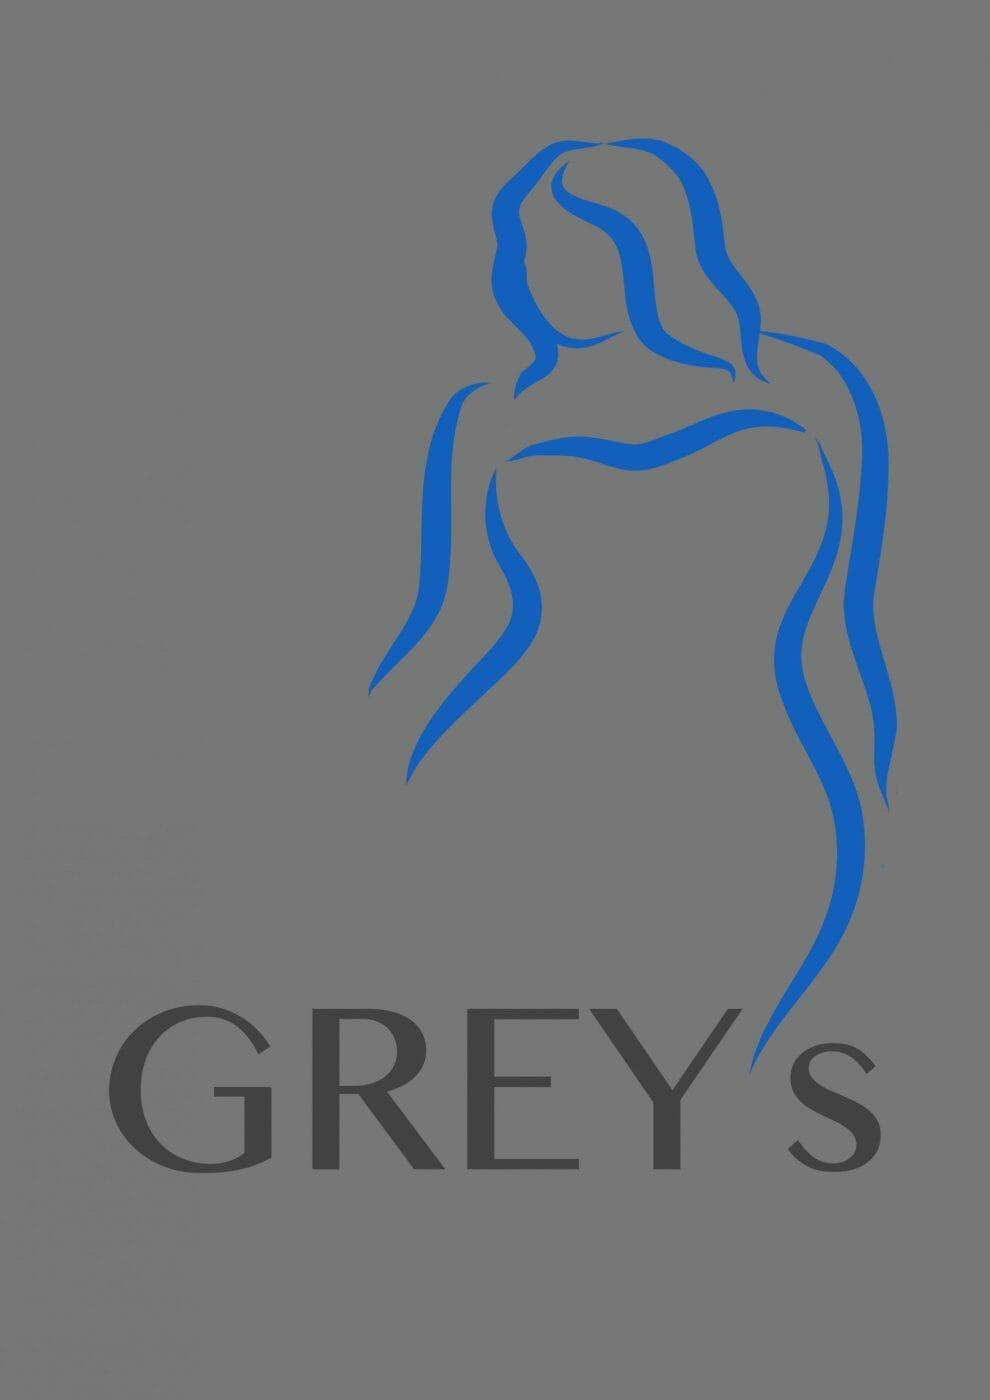 Grey's